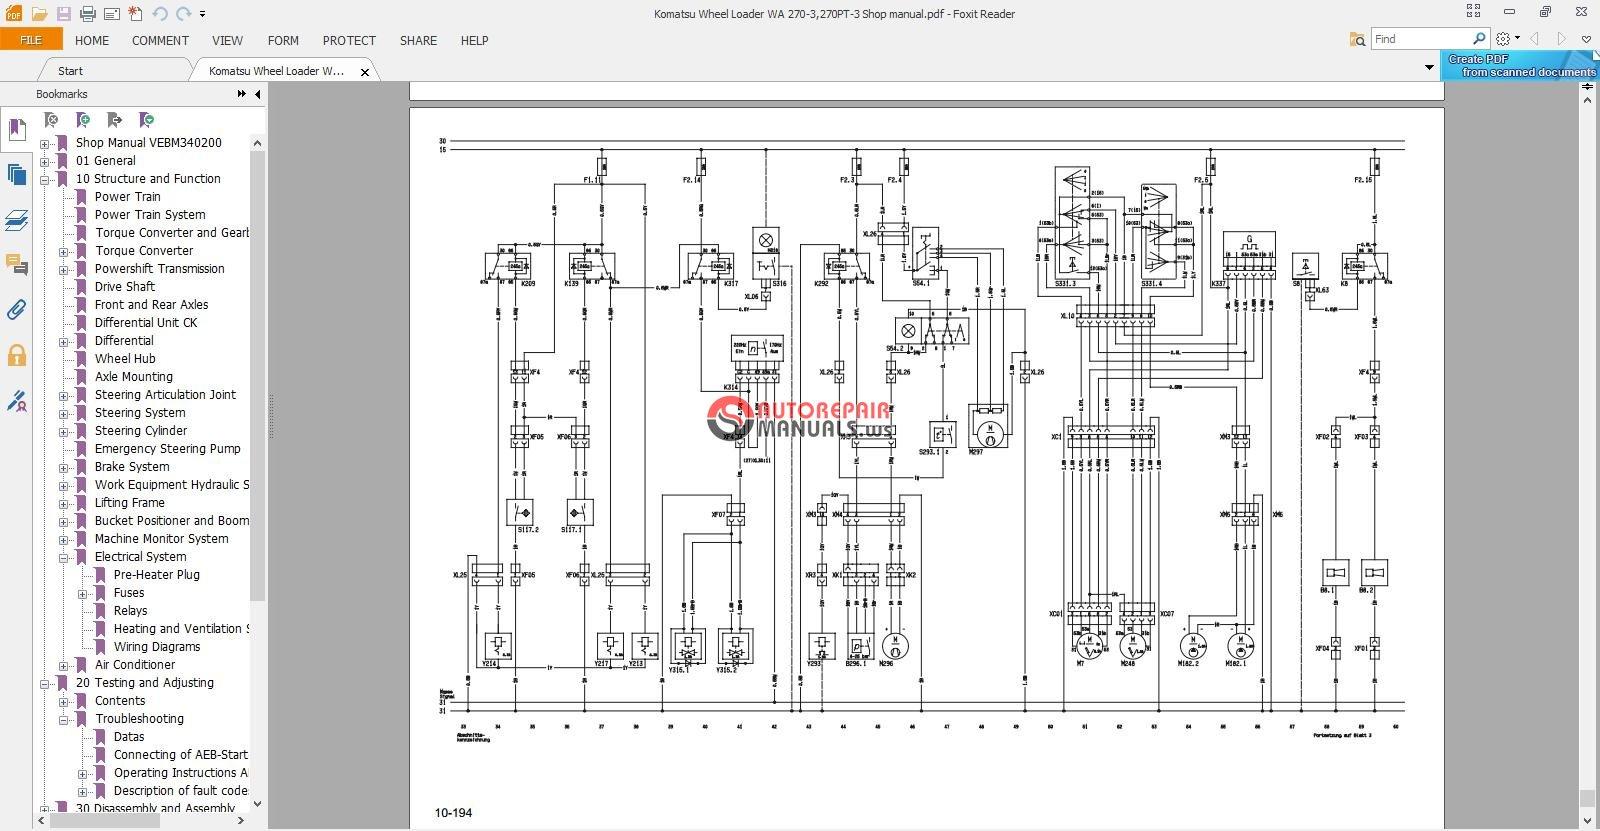 ... Komatsu Wheel Loader WA 270-3,270PT-3 Shop manual_3.jpg ...